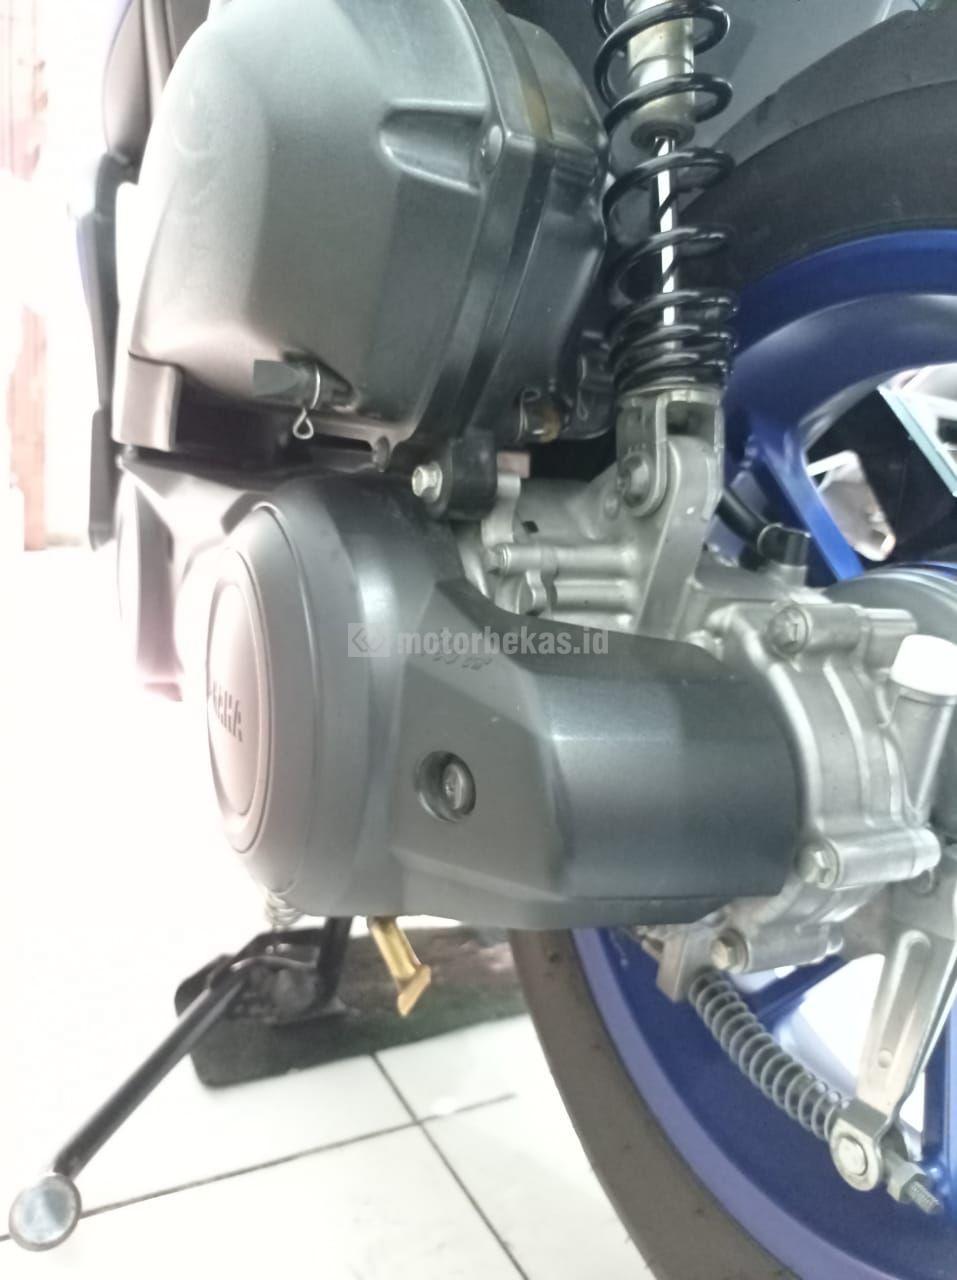 YAMAHA AEROX 155R FI 1043 motorbekas.id